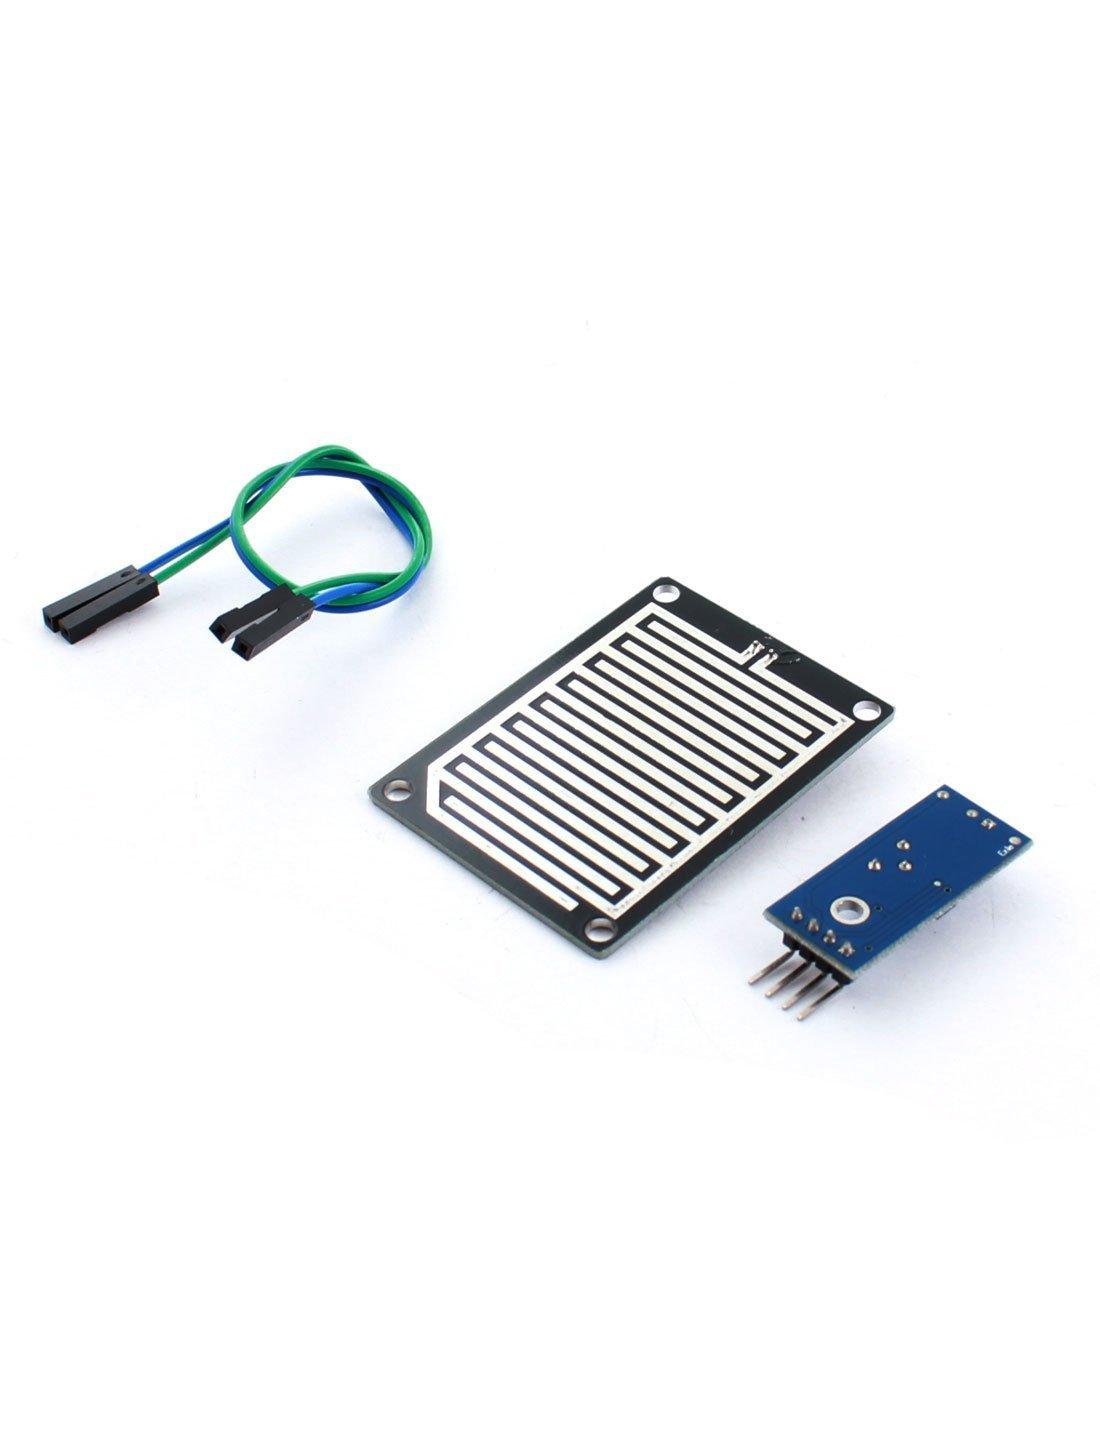 eDealMax a14051500ux0661 YL-83 DC 3.5-5V pioggia di rilevamento di umidità PCB Circuit Module